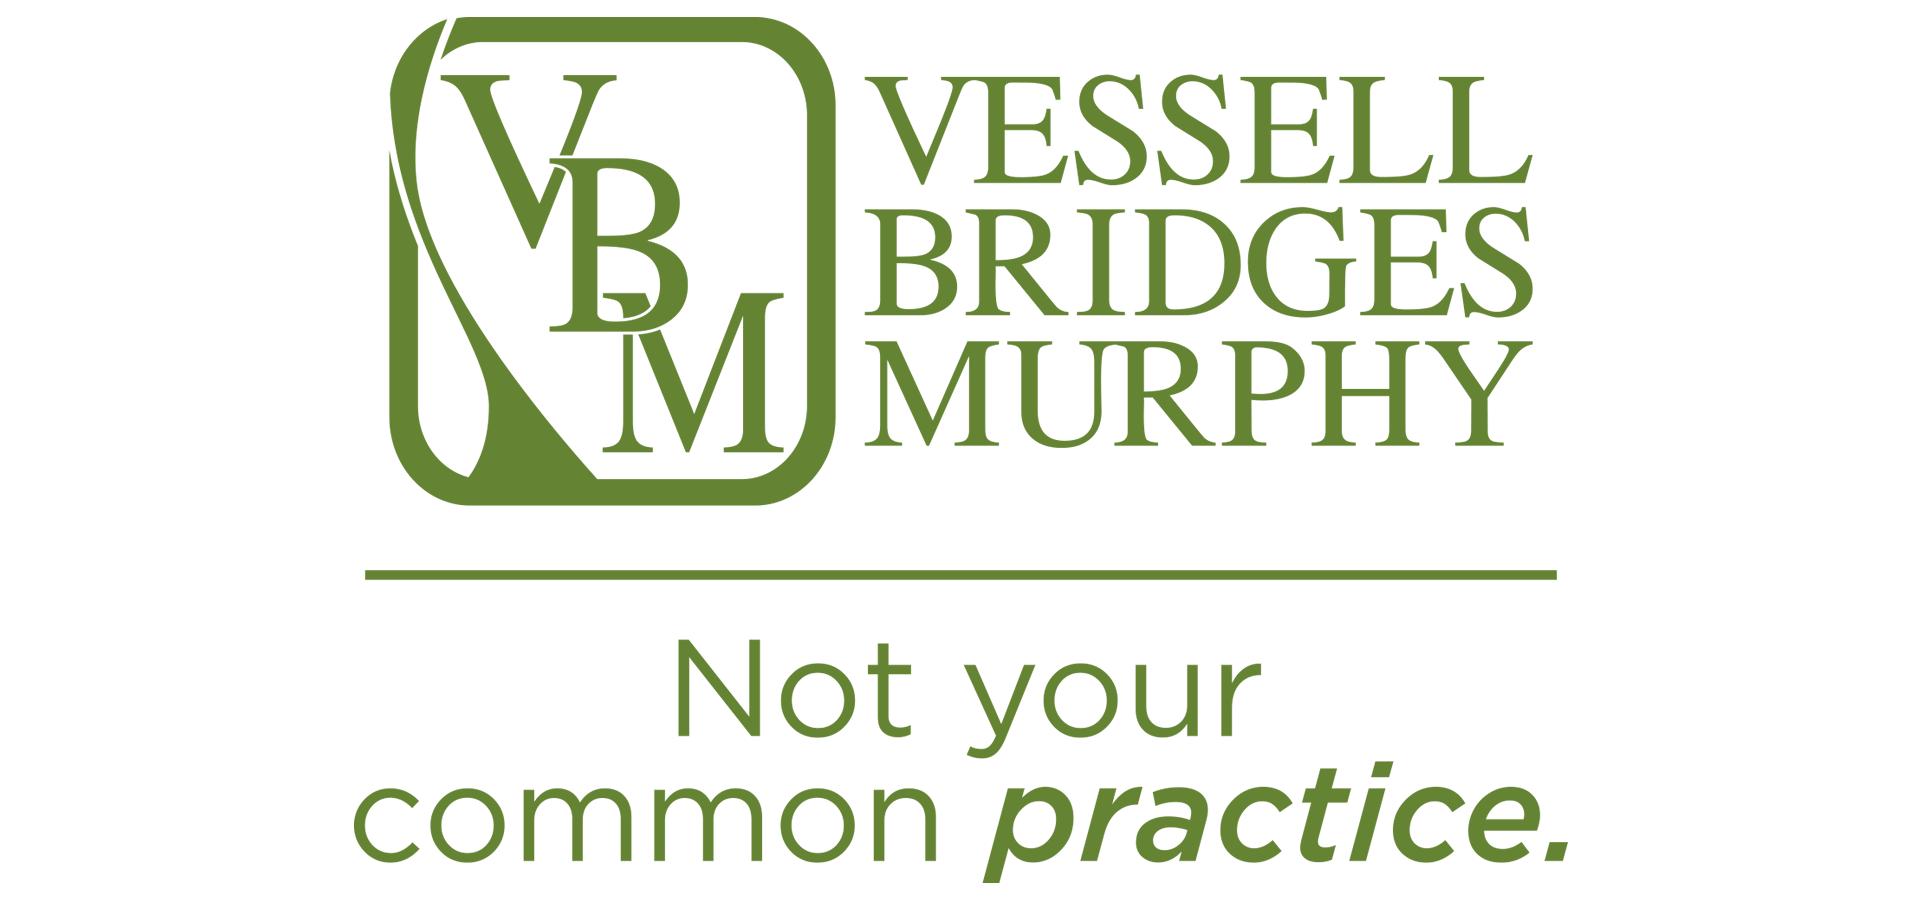 vbm-logo